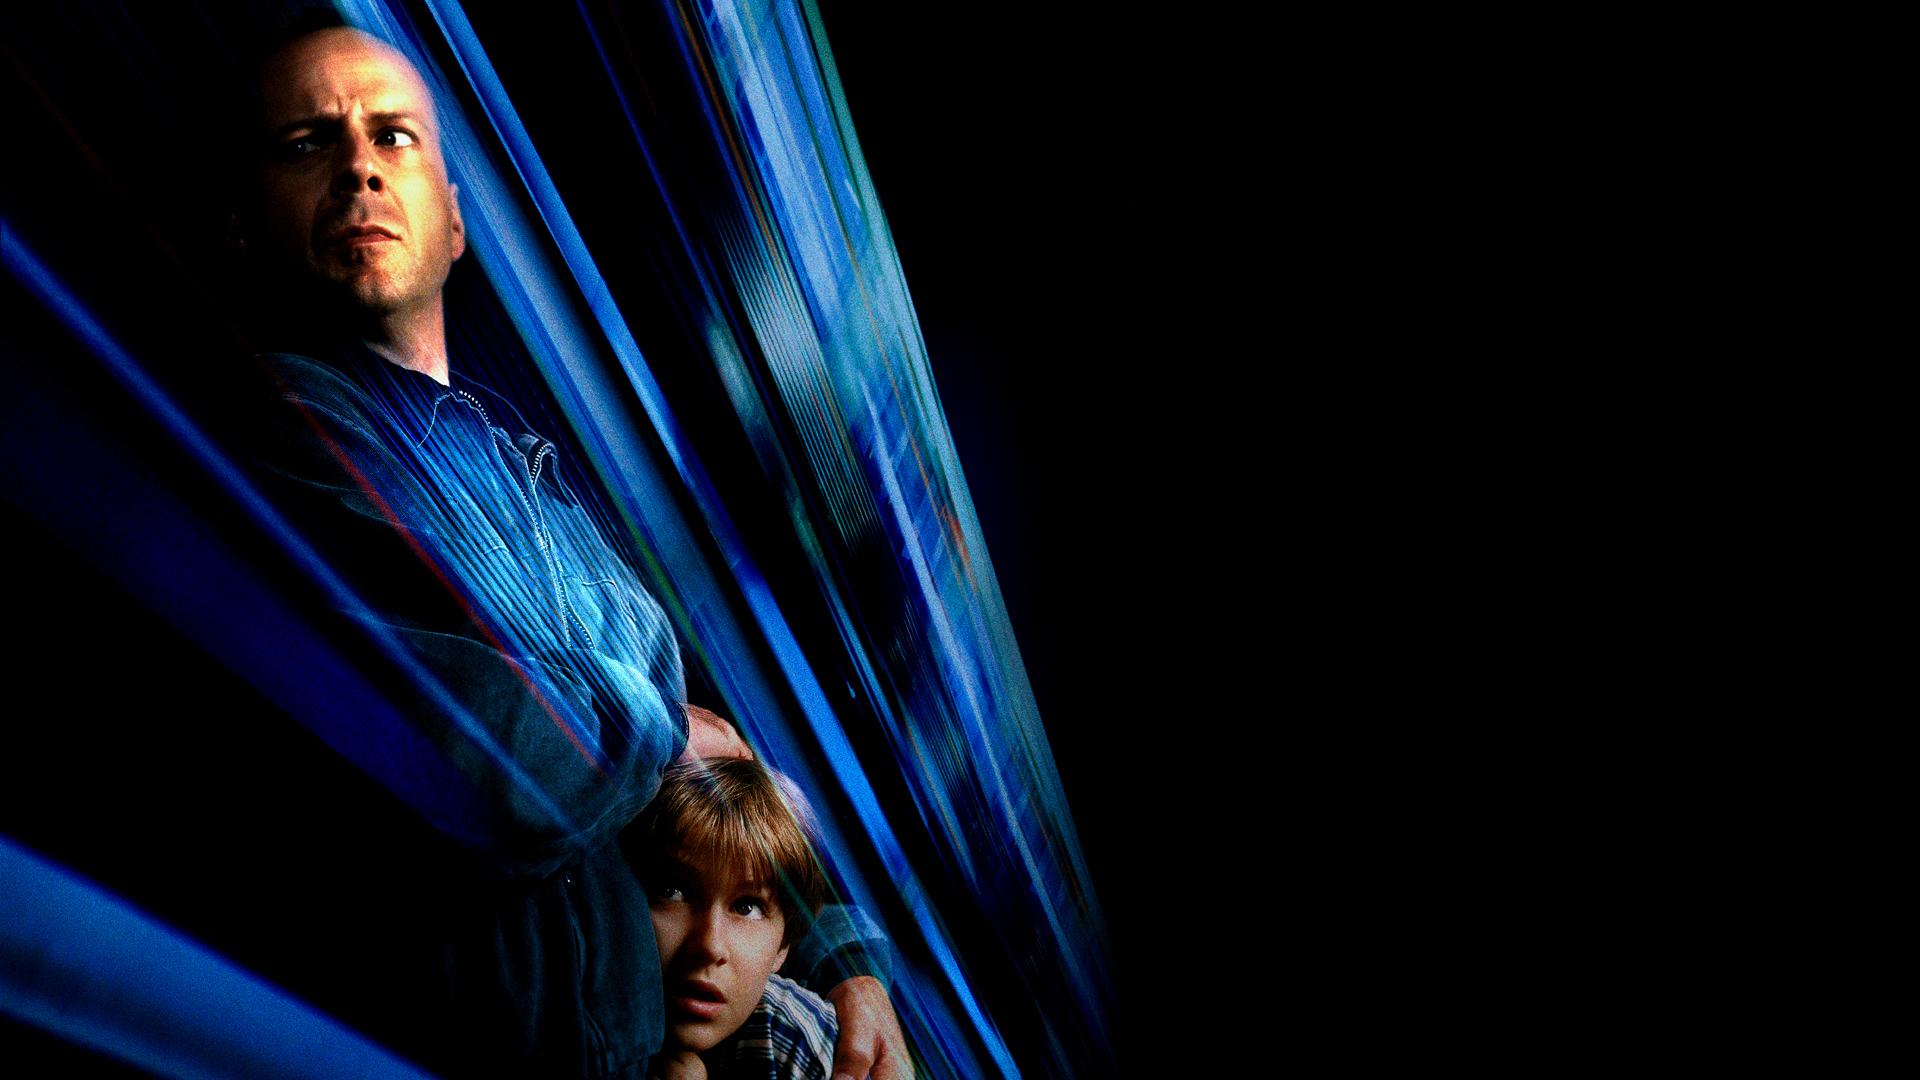 Wallpaper Mercury Rising 1998 movie, Bruce Willis, actor, dark